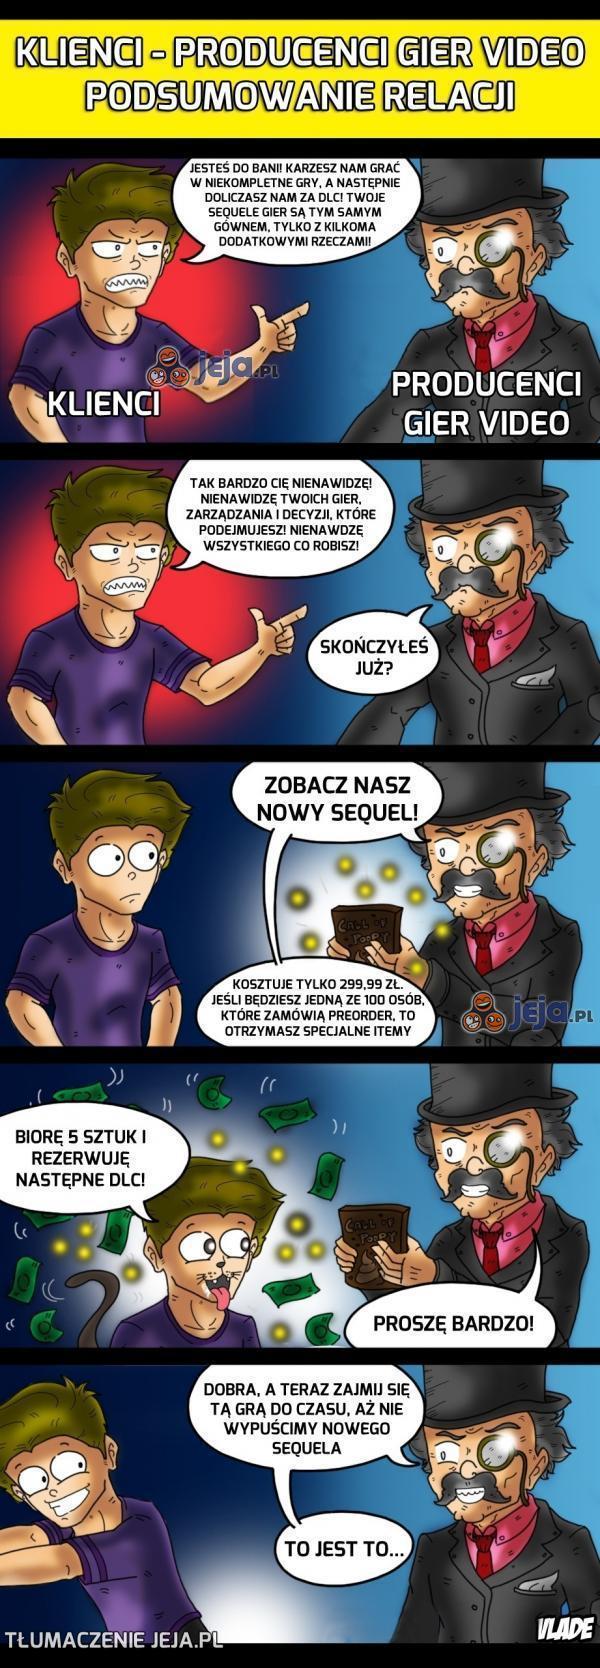 Gracze vs. producenci gier